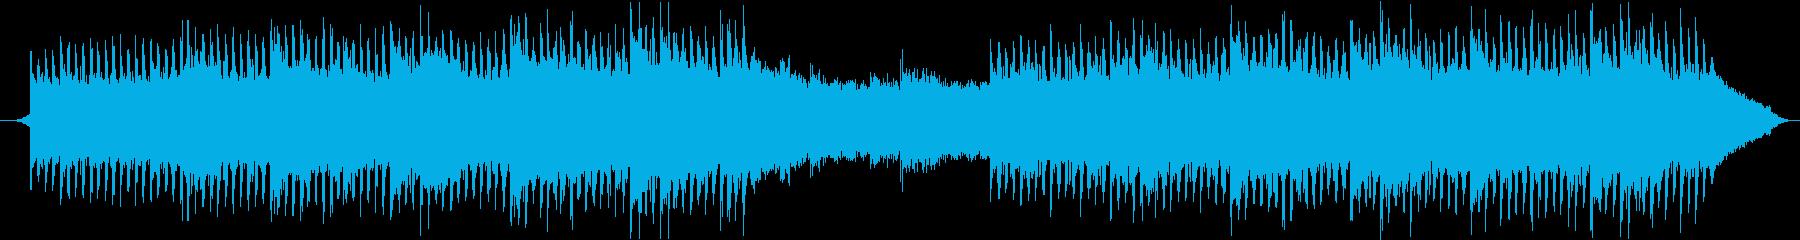 プロモーションビデオ、コマーシャル用の再生済みの波形